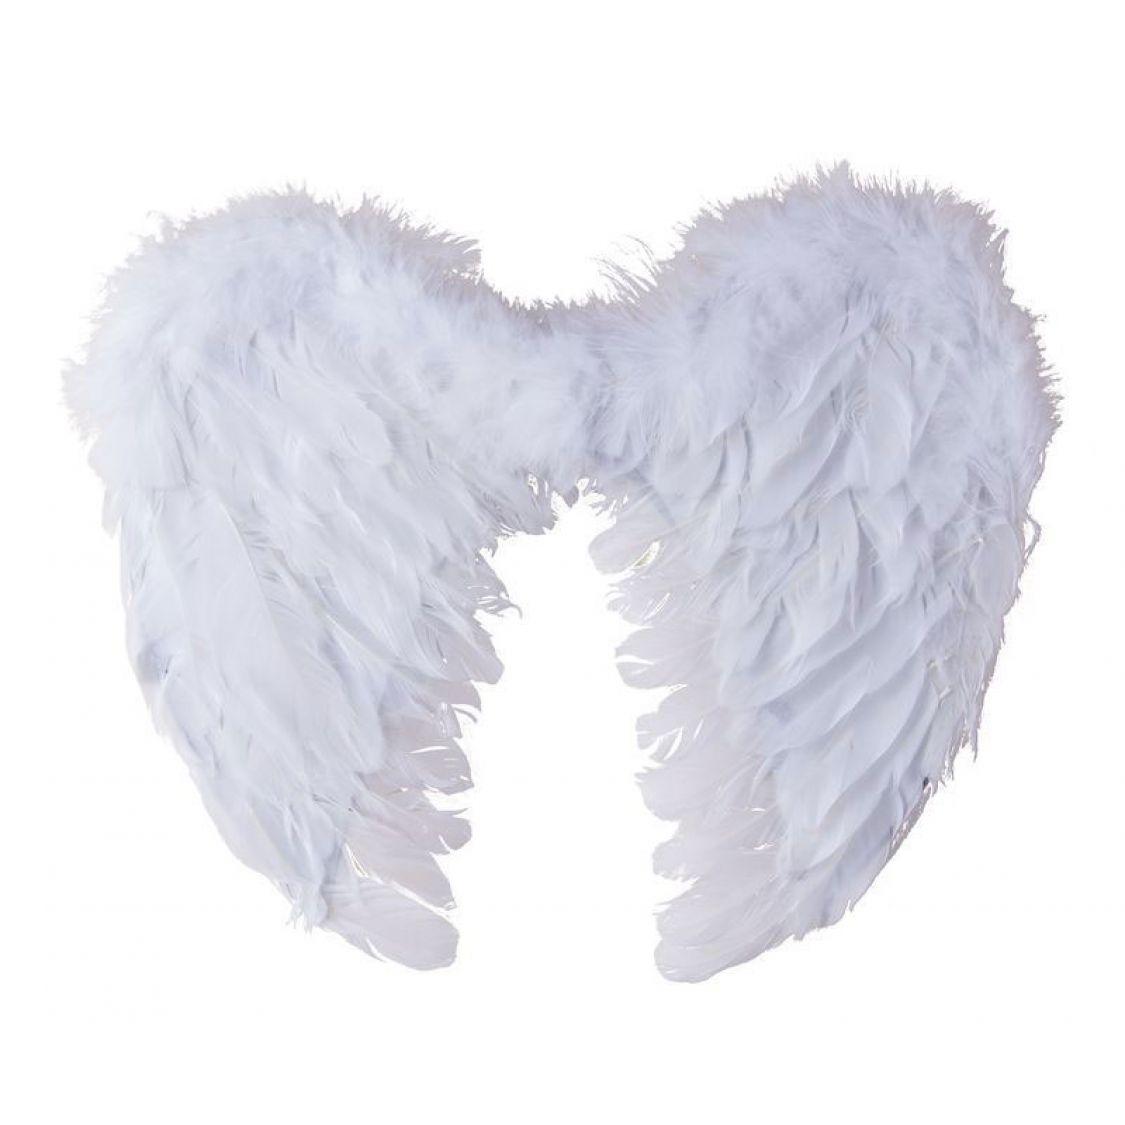 Ailes d 39 anges blanches pour d guisements d 39 halloween - Ailes d ange dessin ...